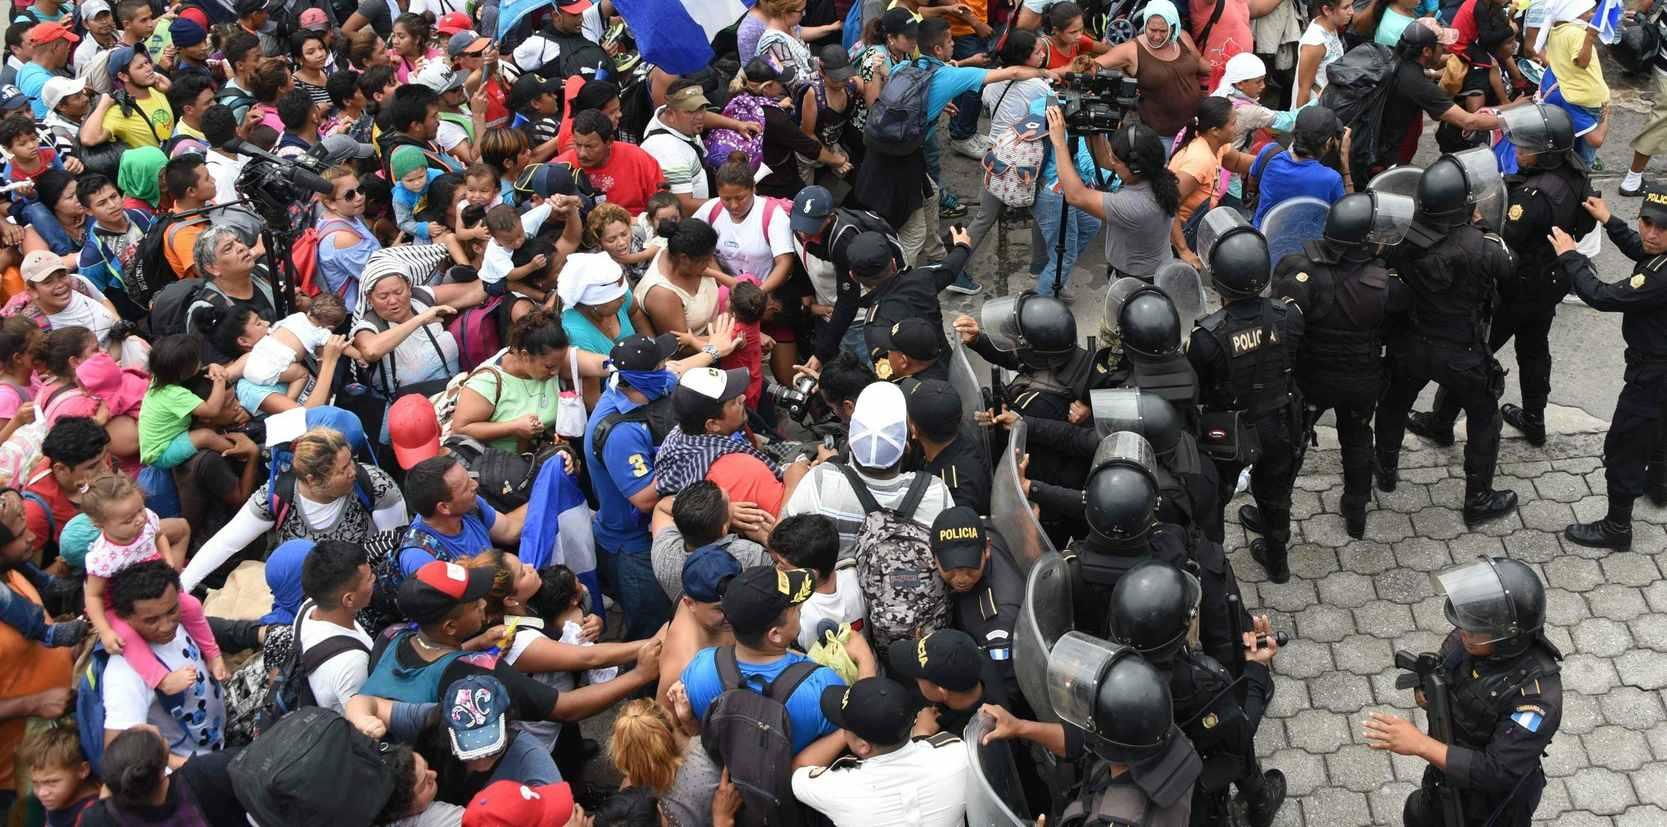 DOBLELLAVE - En una entrevista la alcaldesa mexicana del lugar Sonia Eloina Hernández Aguilar aseguró que los migrantes se están organizando